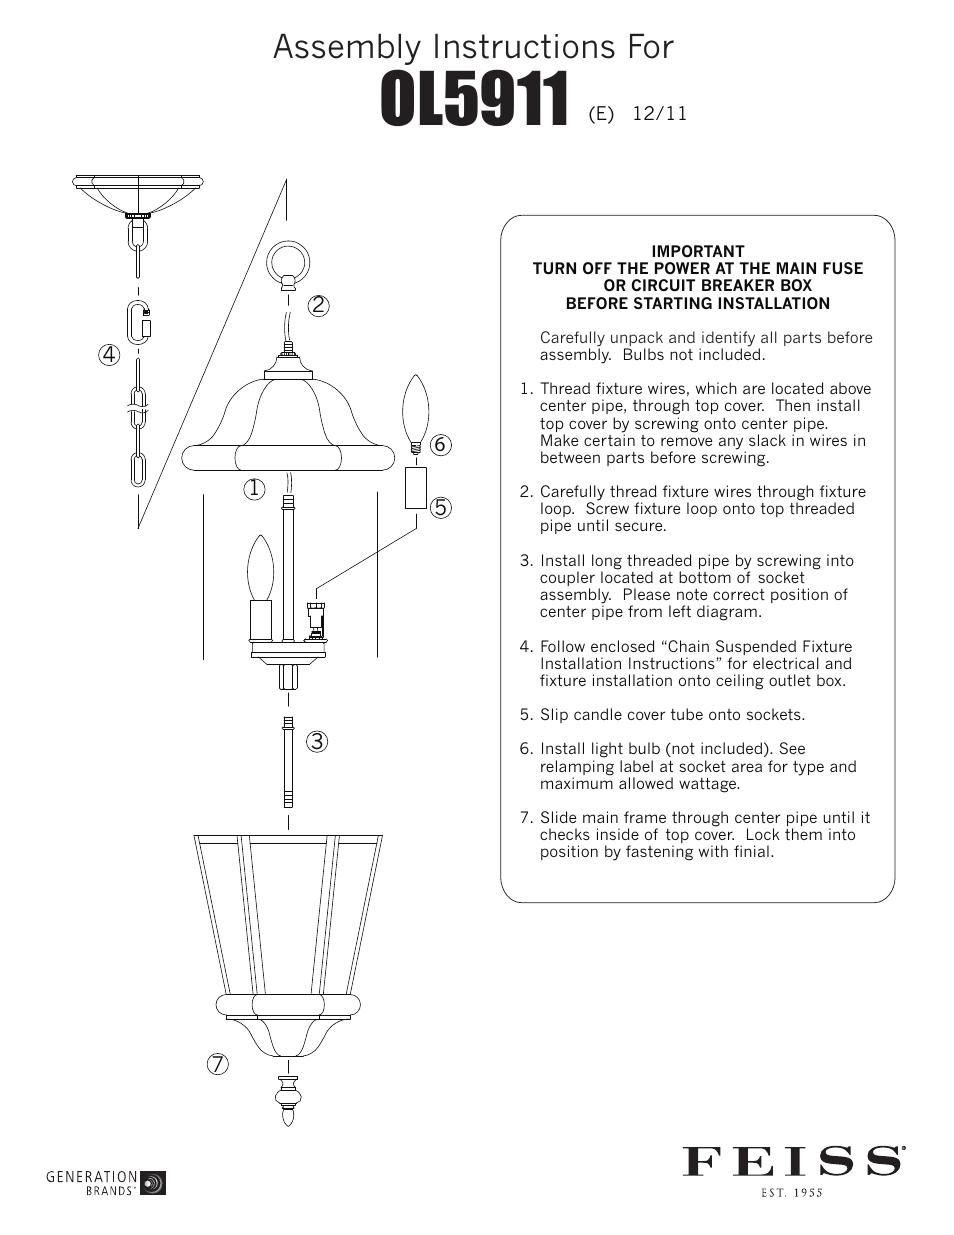 Feiss Ol5911 User Manual 1 Page Wiring Light Loop Diagram